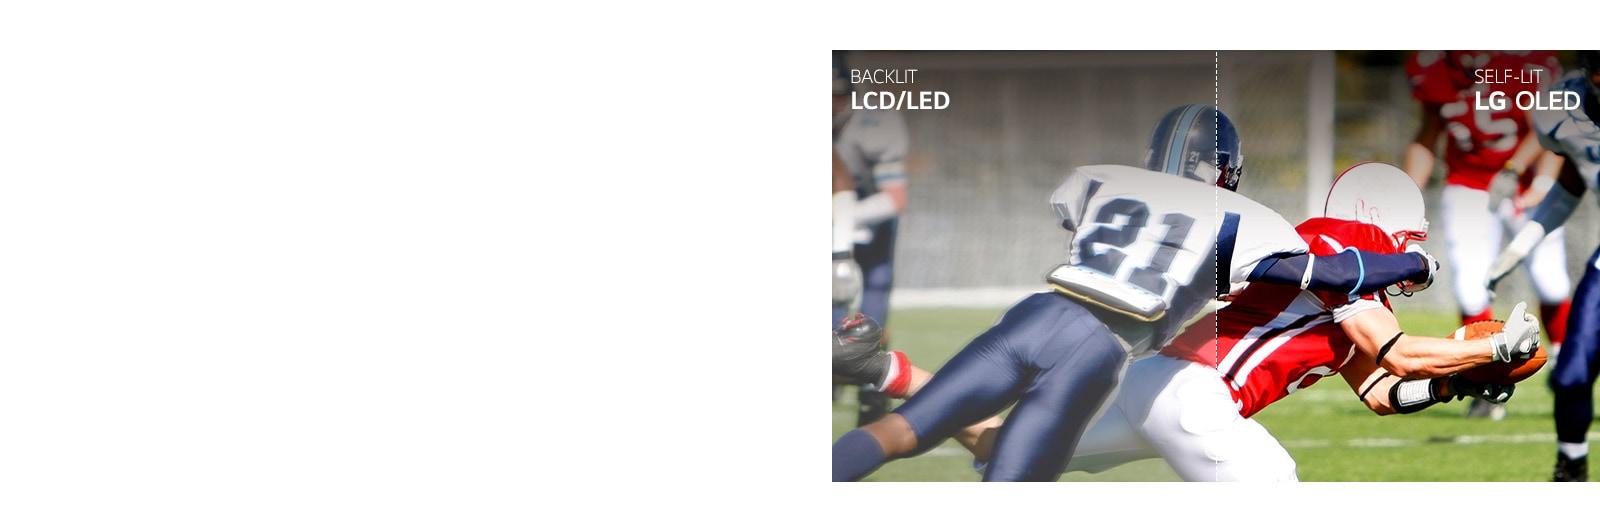 Ena scena iz nogometne tekme, polovica na LCD / LED televizorju z zamegljeno kakovostjo slike in druga polovica na LG OLED televizorju z jasno kakovostjo slike